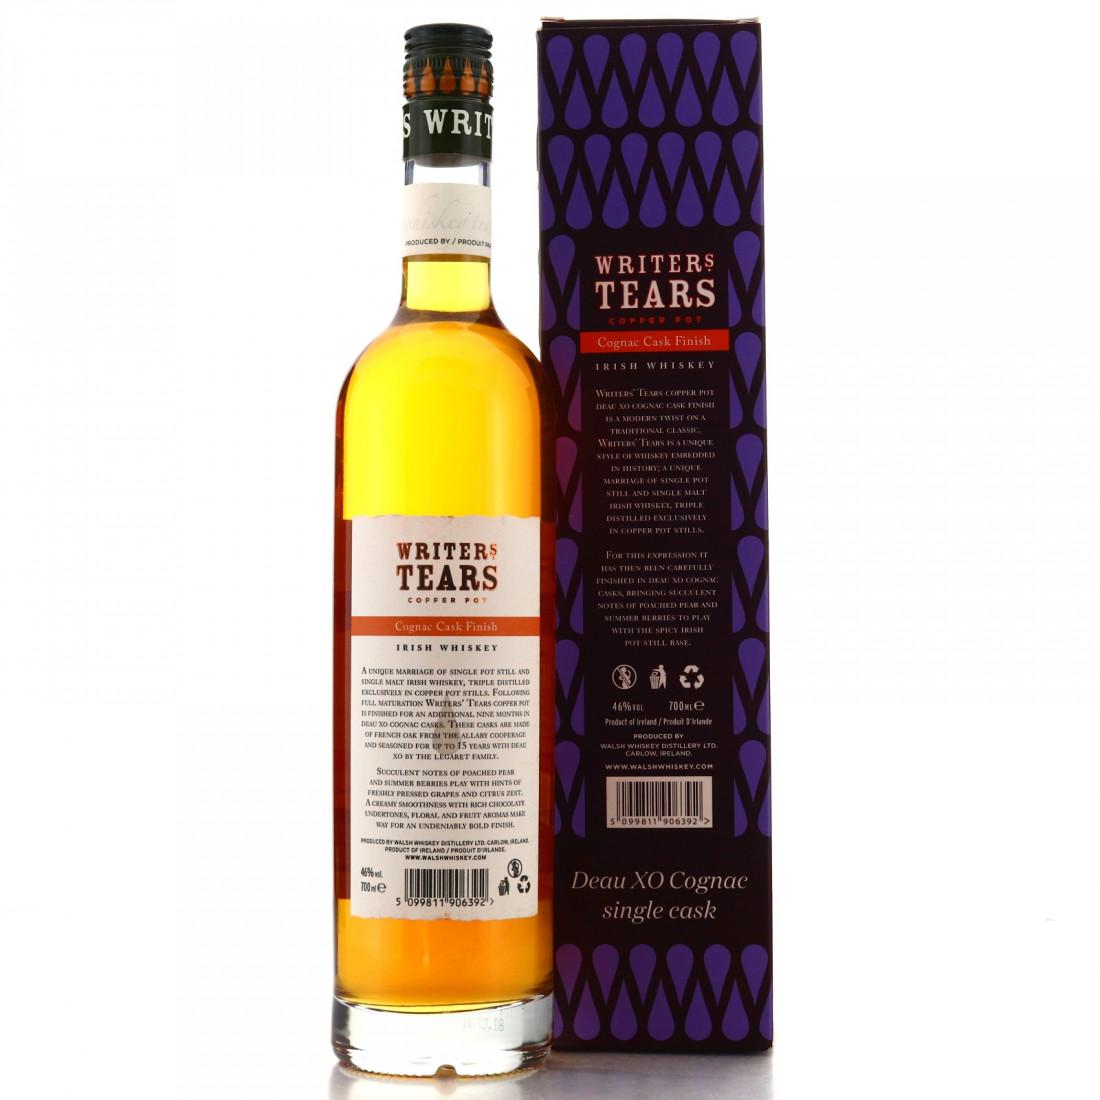 Writer's Tears Single Cask #6428/ Deau XO Cognac Cask Finish